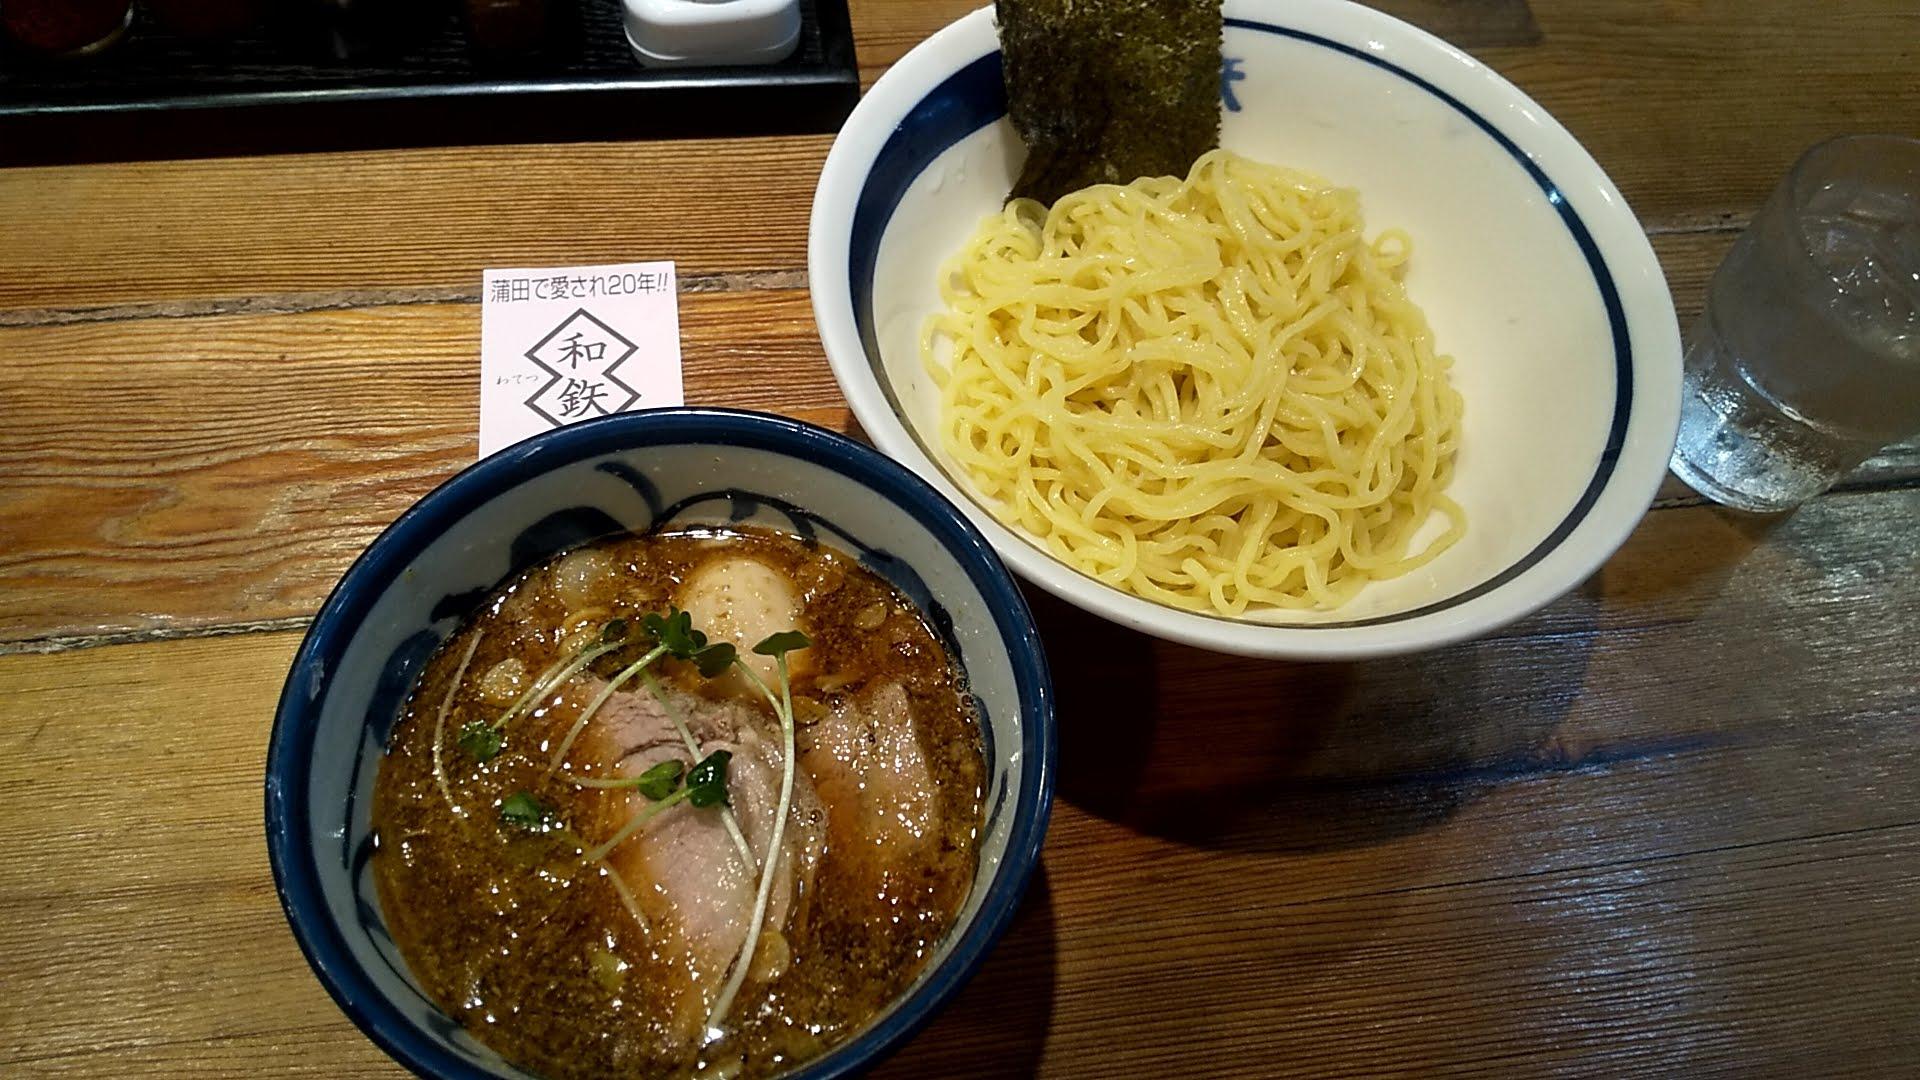 和鉄ラーメンの和鉄つけ麺の写真